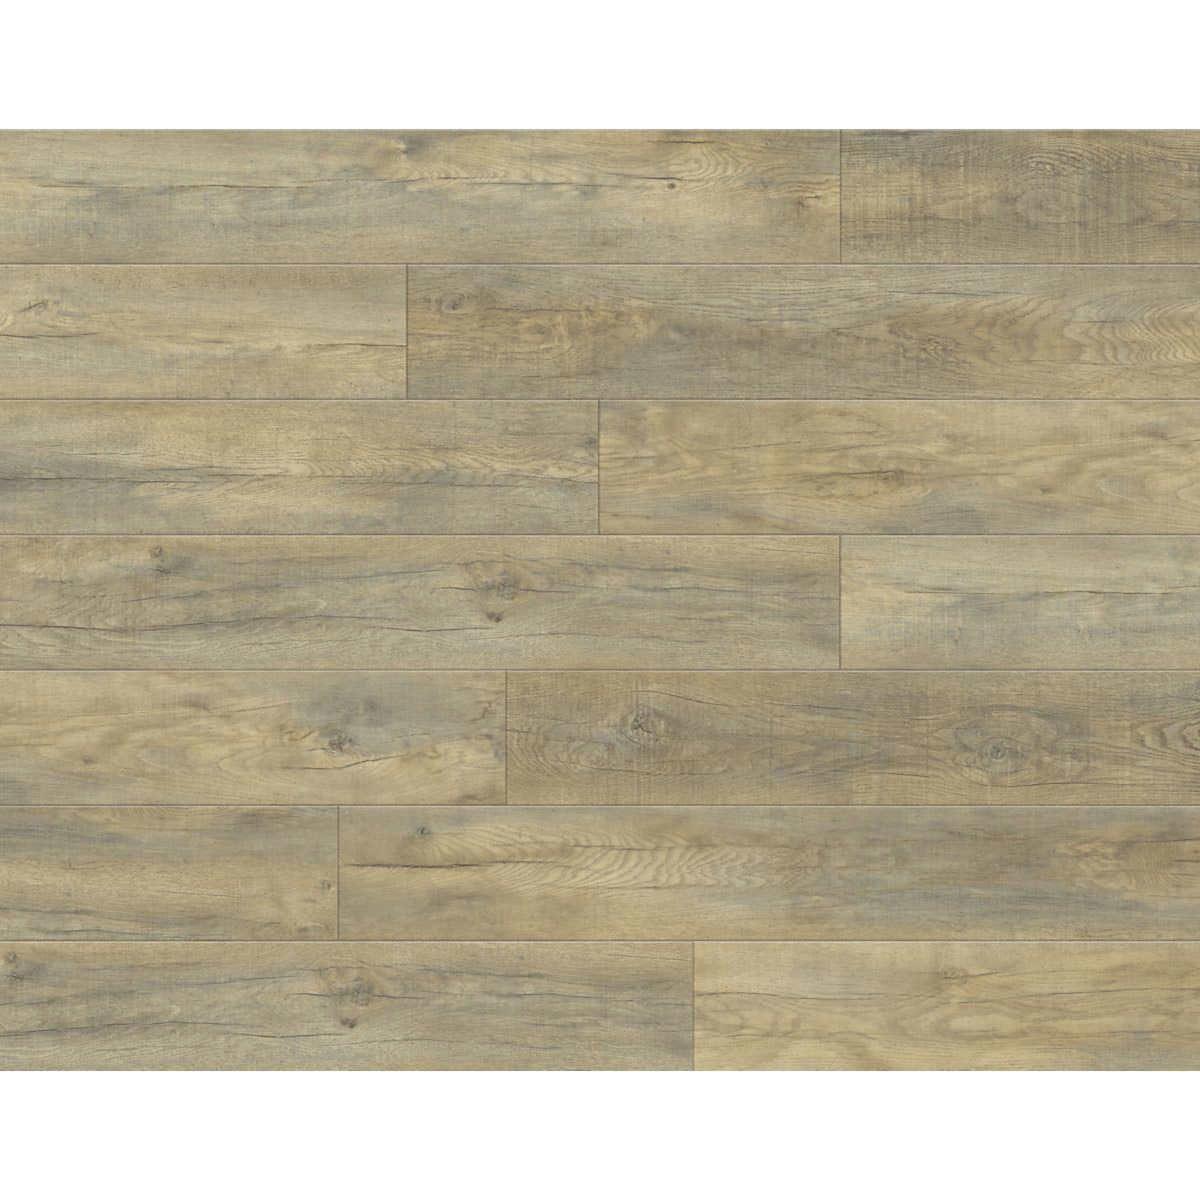 Pin by Lynda Wu on floors in 2020 Vinyl plank flooring